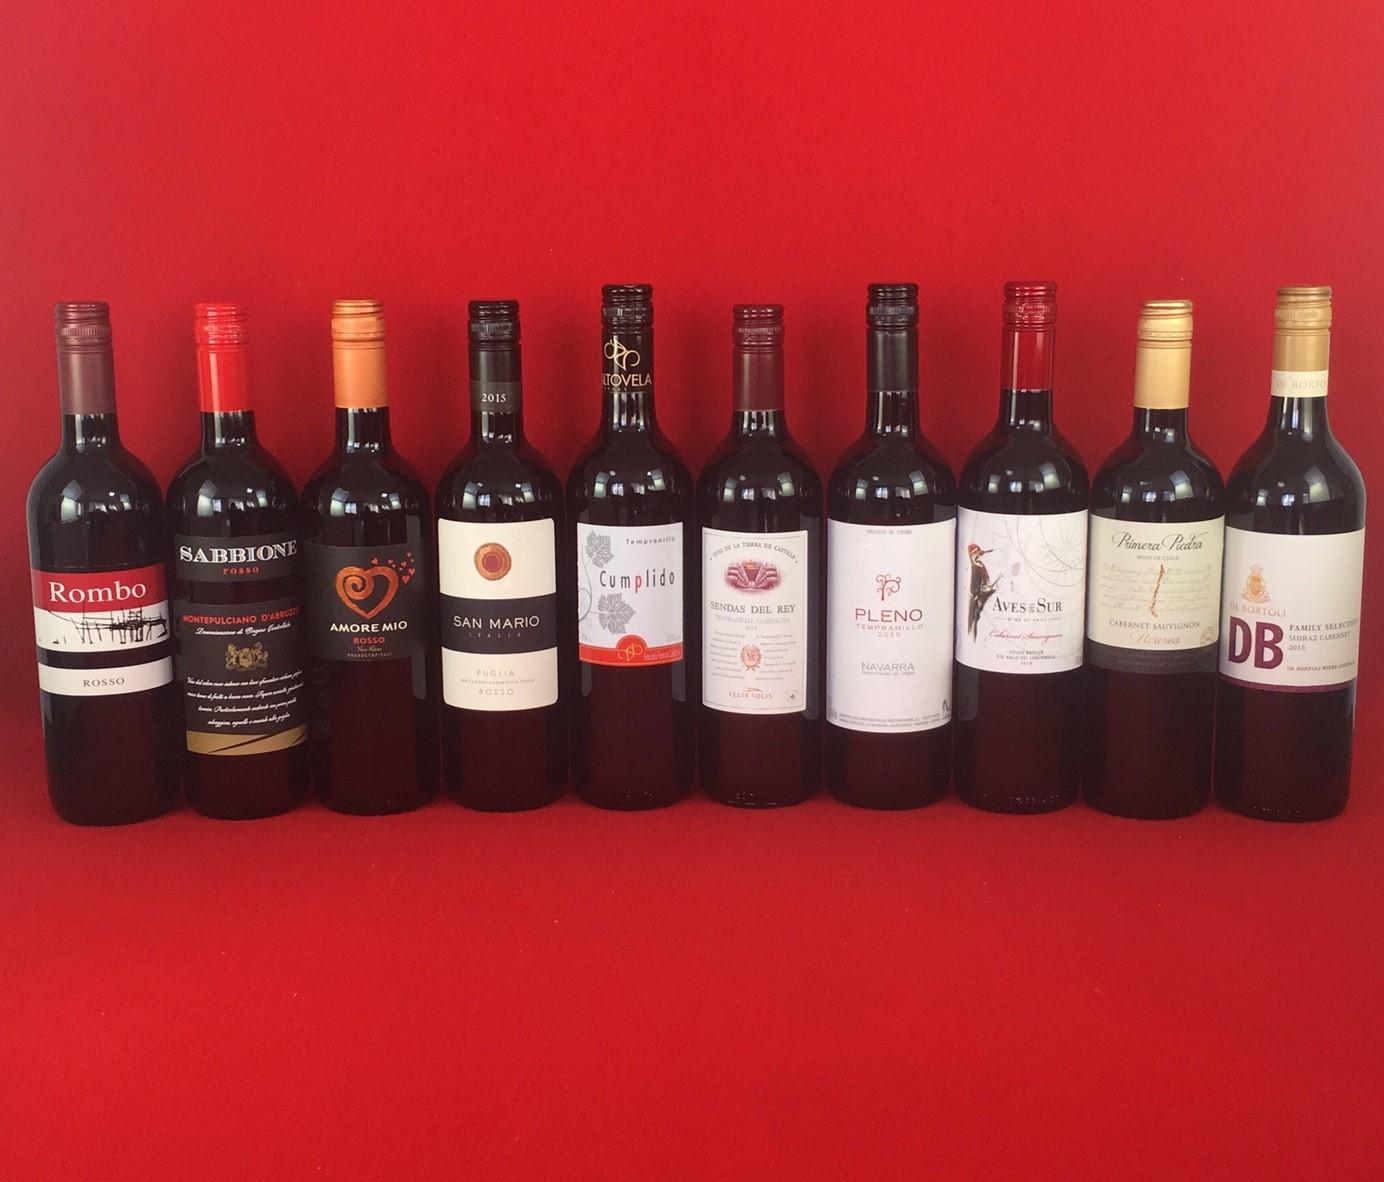 ワインセット 赤ワイン 送料無料 コスパ最高のデイリーワイン 赤ワイン 10本セット Ver.2